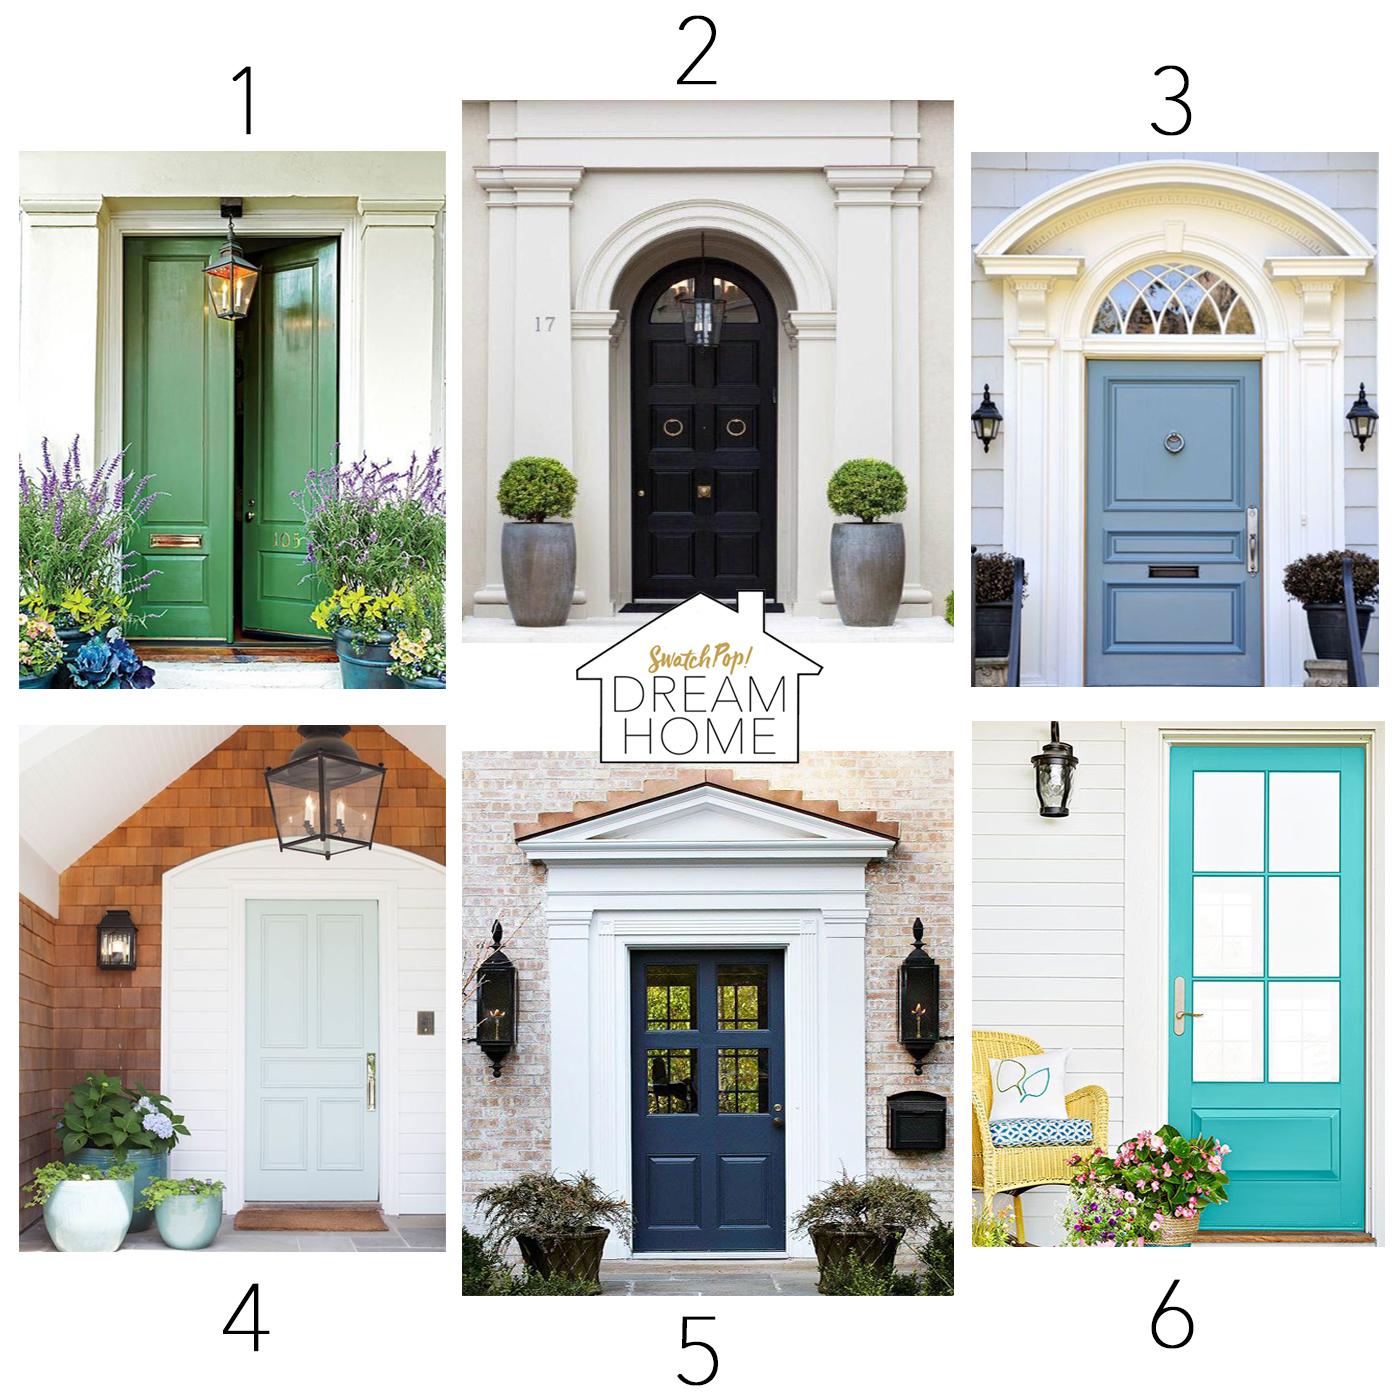 swatchpop dream home front door pop talk swatchpop